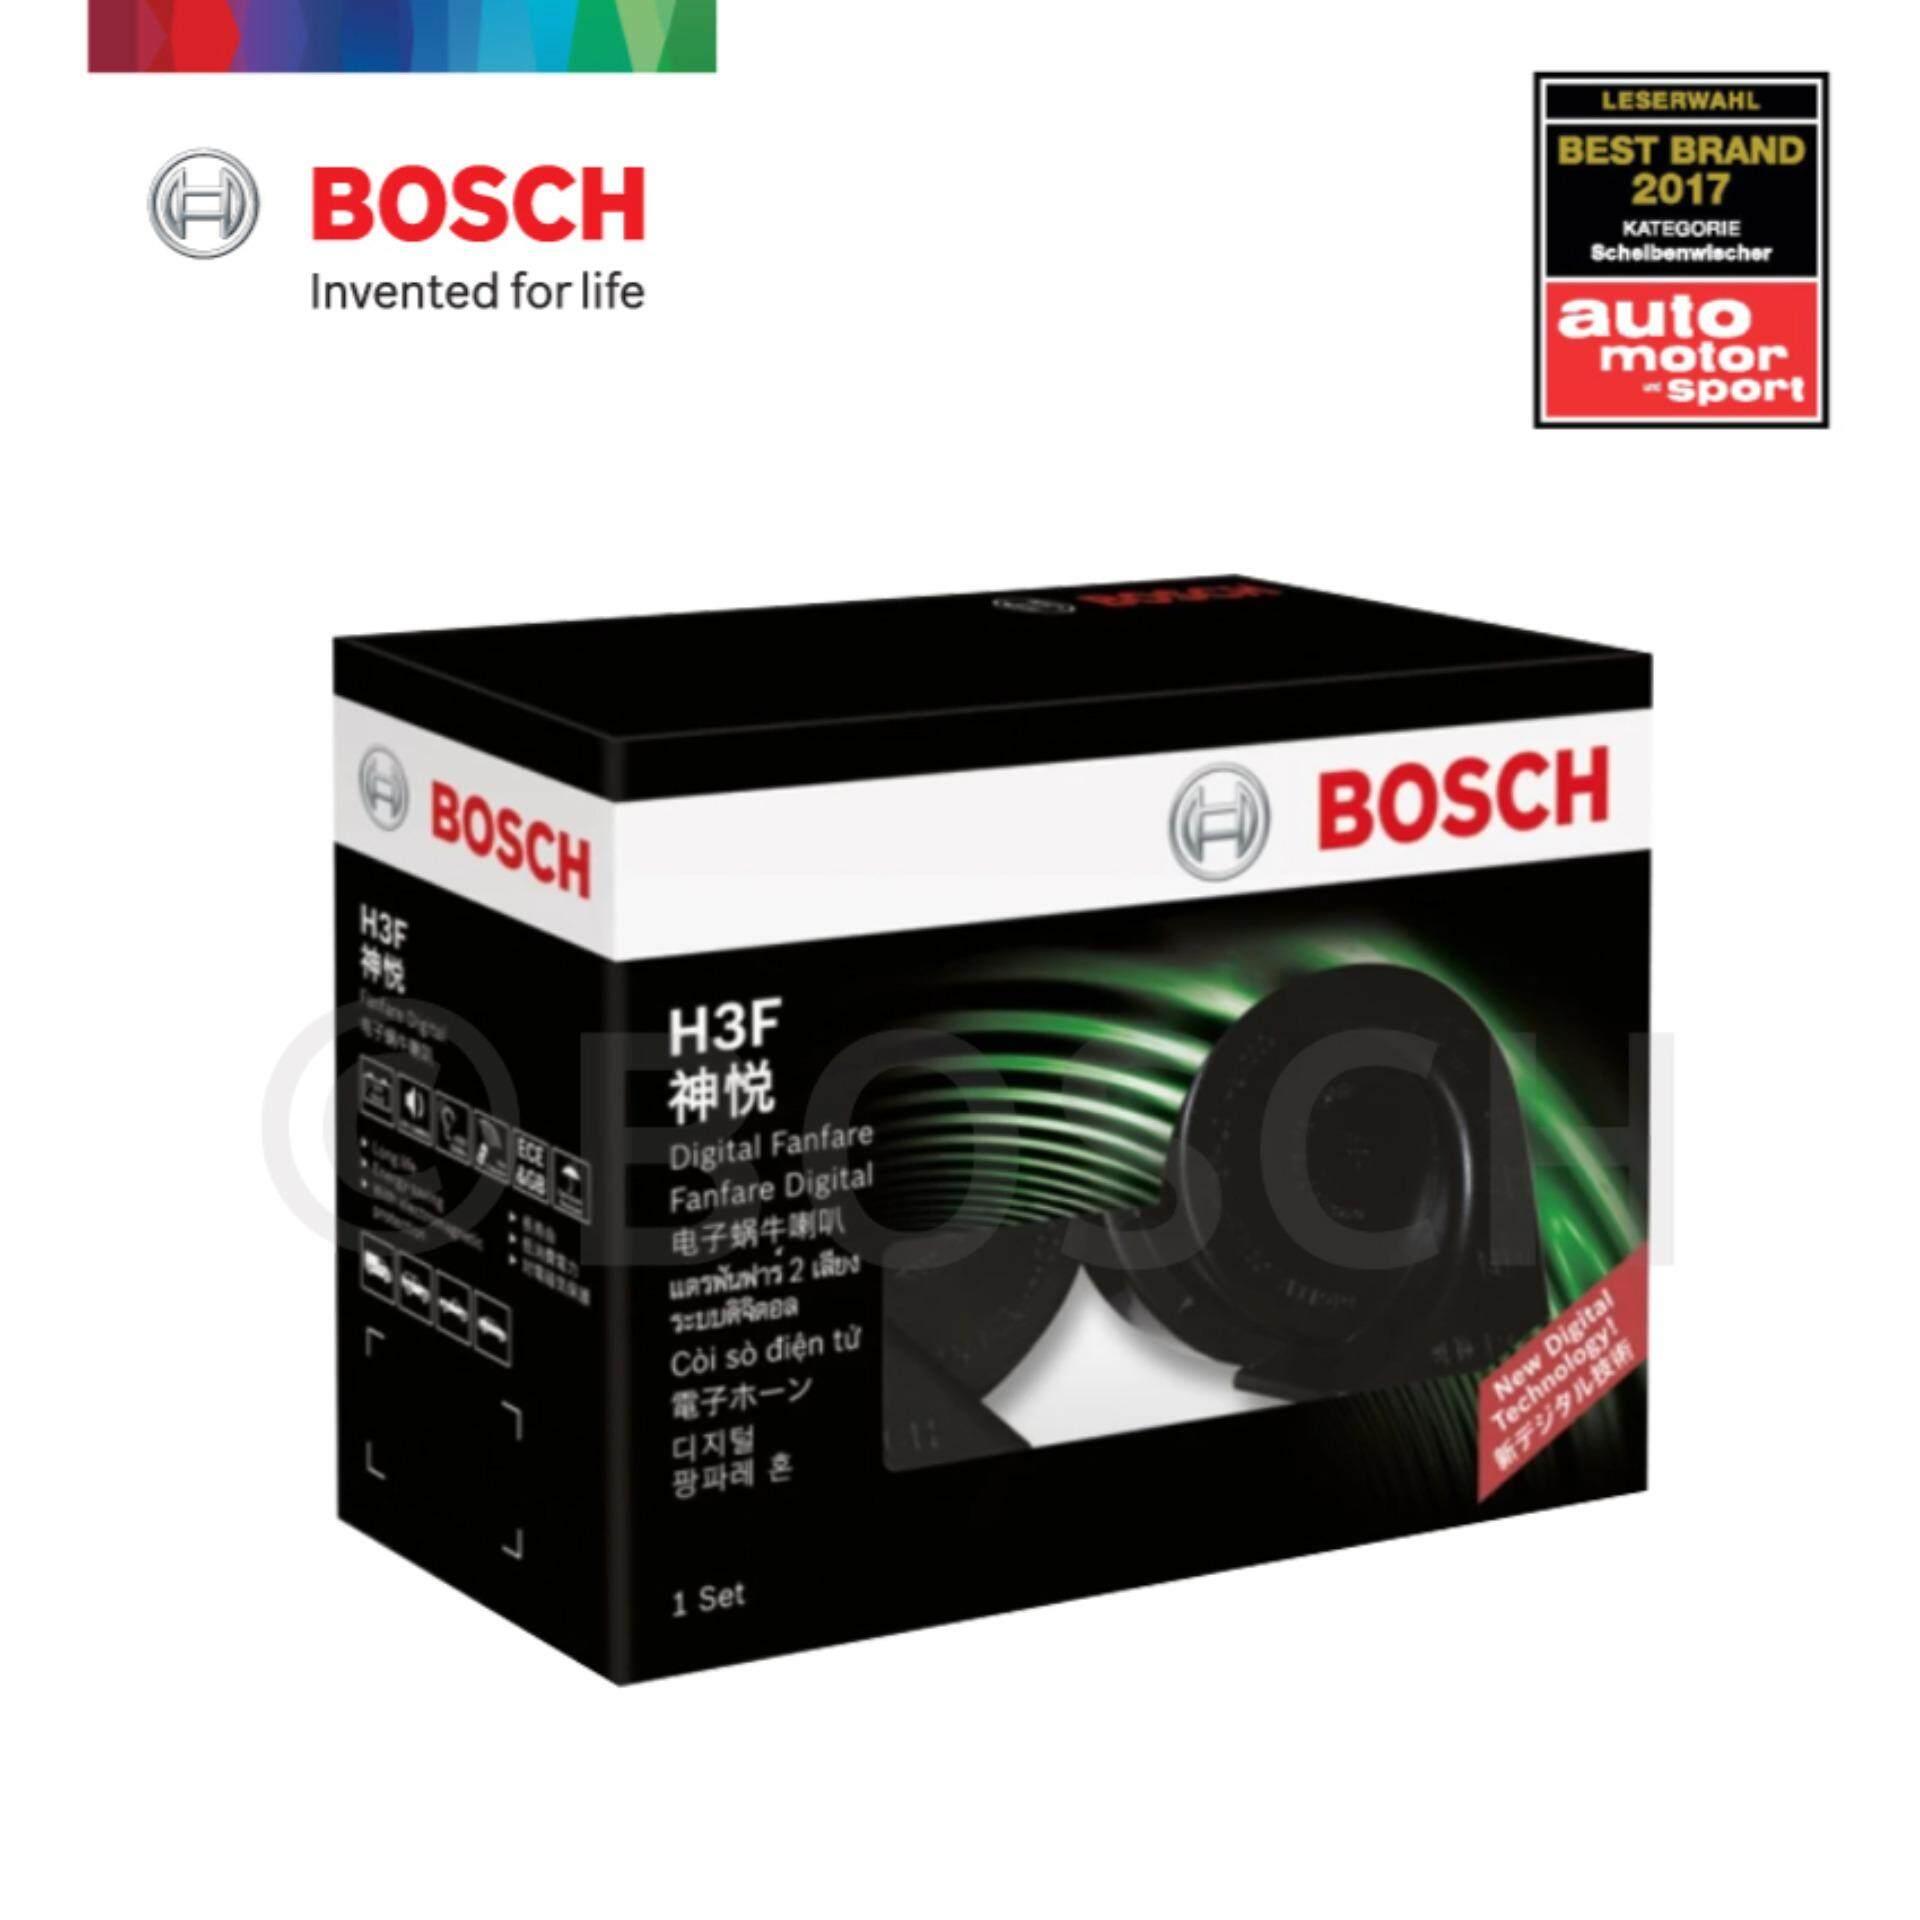 (มีตัวอย่างเสียง) Bosch แตรรถยนต์ ดิจิตอล บ๊อช H3f เสียงรถเบนซ์ เสียงทุ่ม นุ่ม ลึก ทนทานทุกการใช้งานไม่ต้องต่อรีเลย์ By Quality Parts.